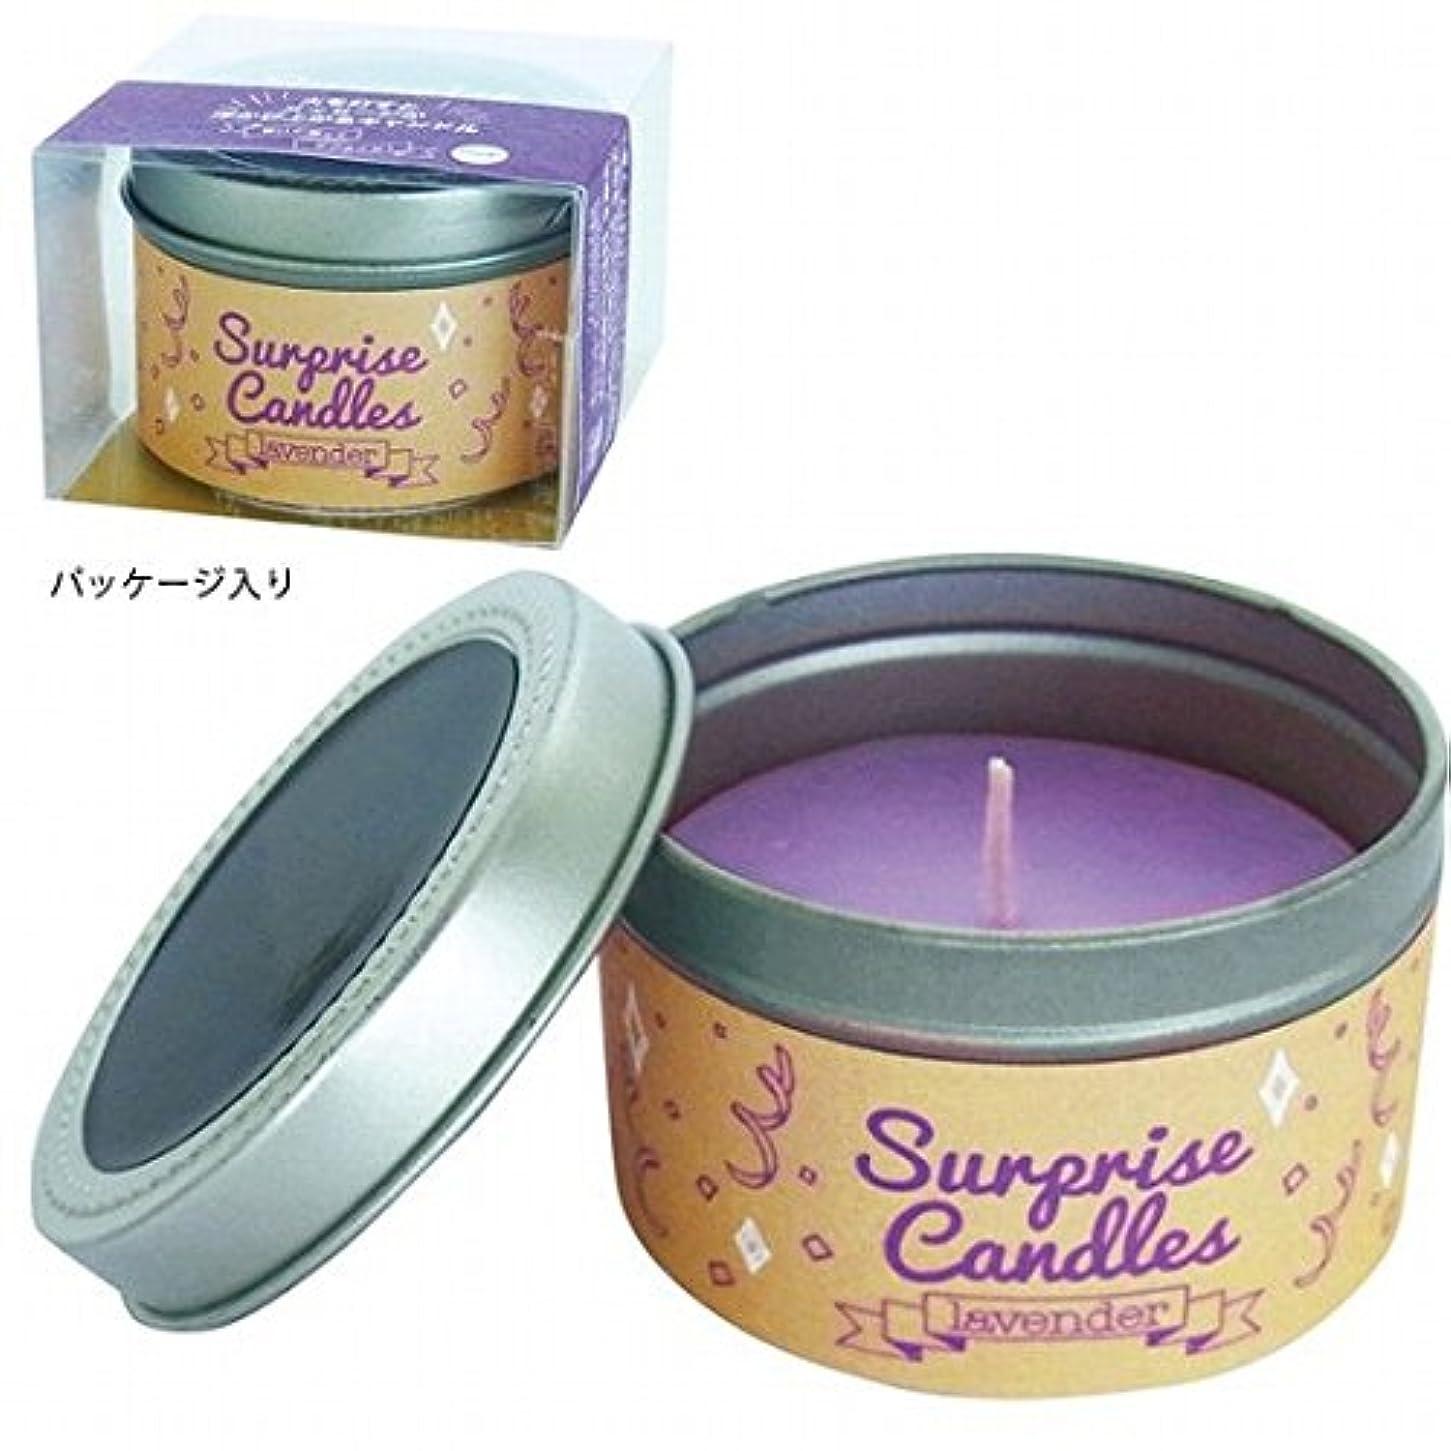 接続自動車マークされたカメヤマキャンドル(kameyama candle) サプライズキャンドル 「ラベンダー」